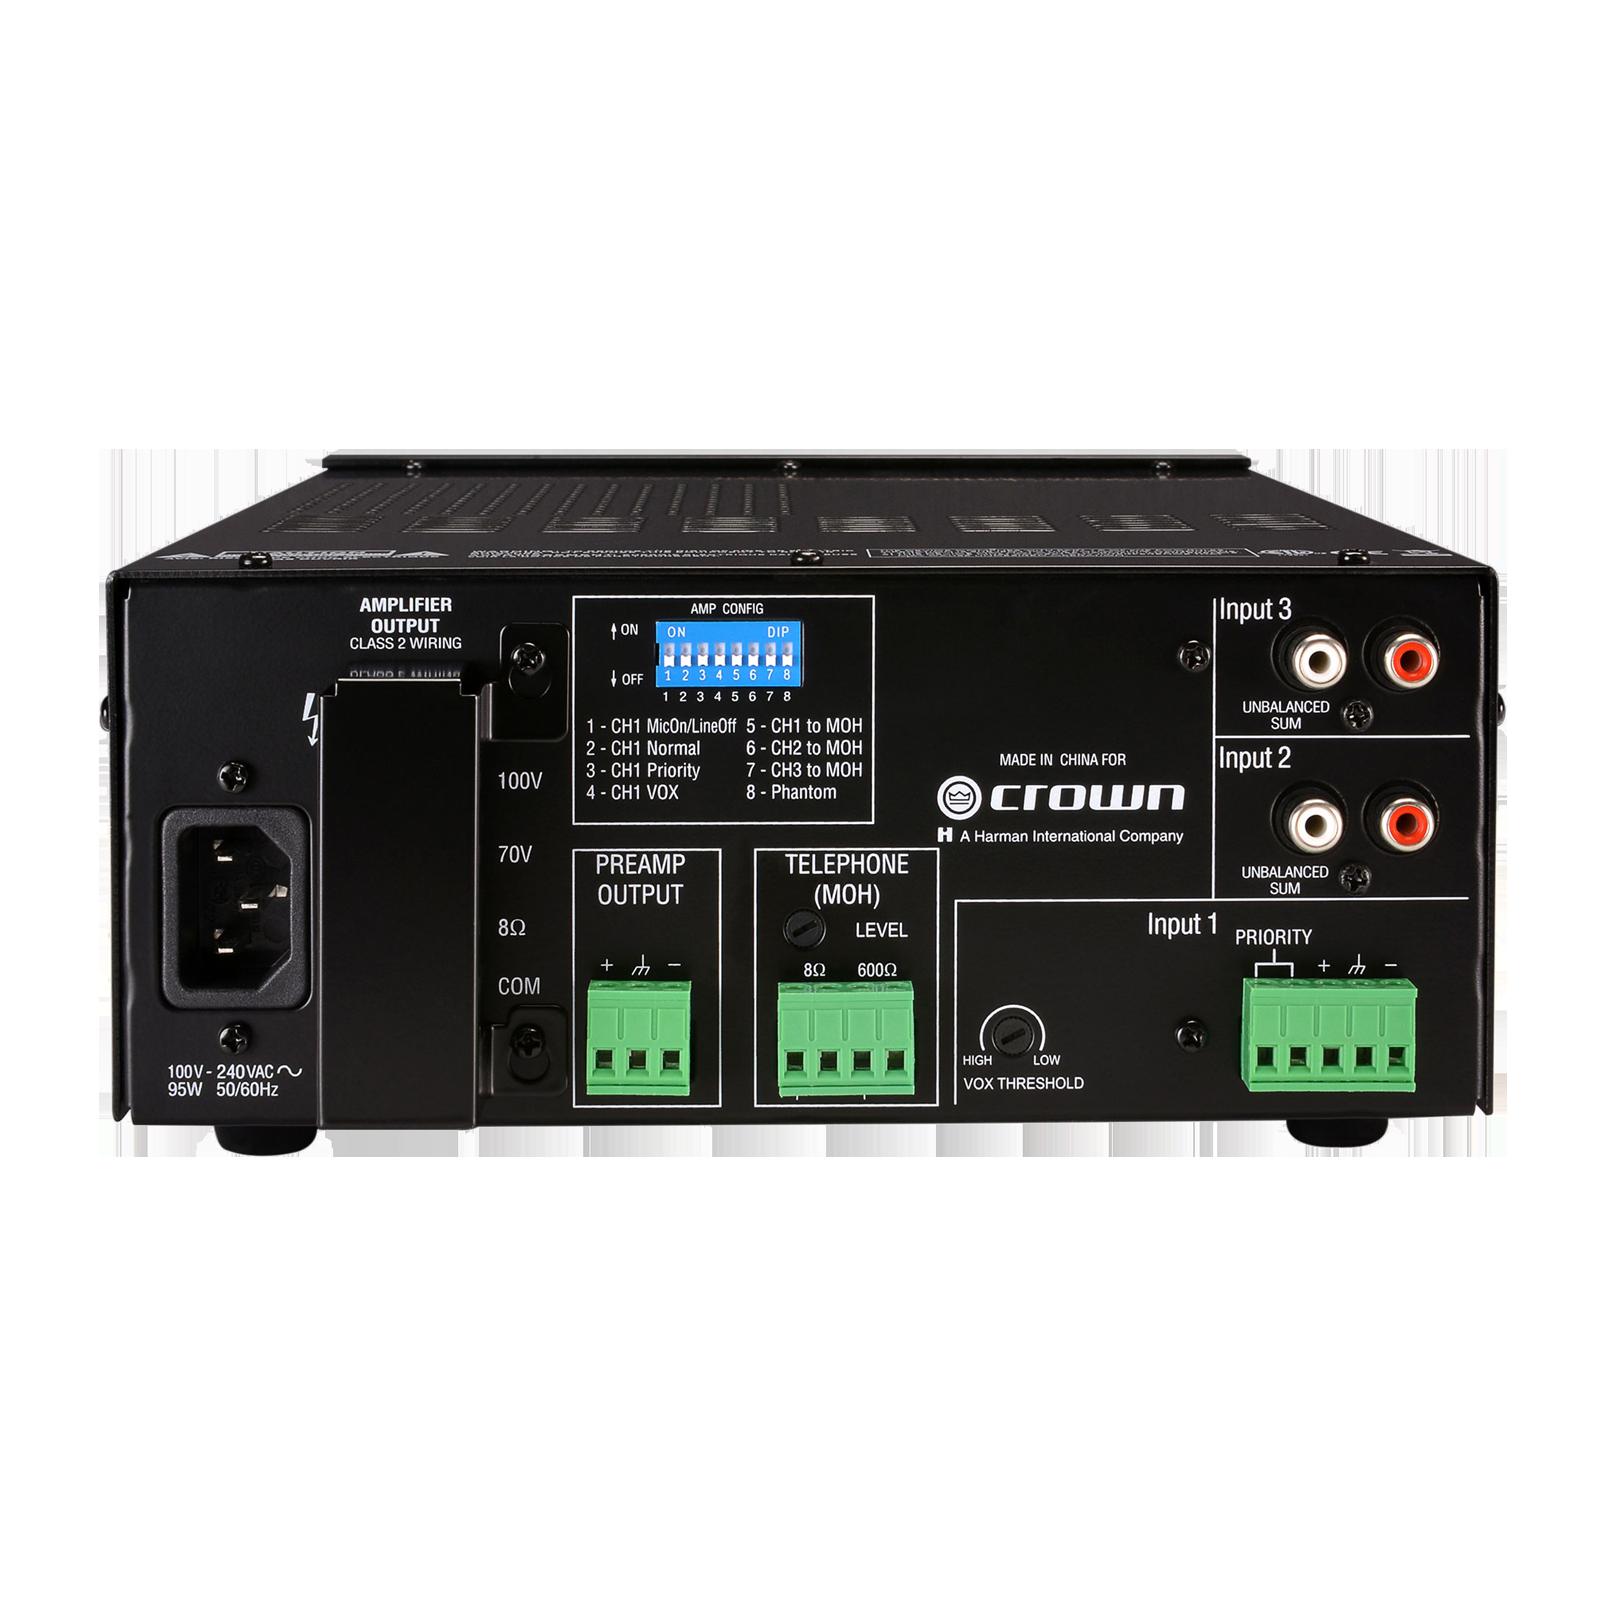 135MA (B-Stock) - Black - Three Input, 35W Mixer-Amplifier - Back